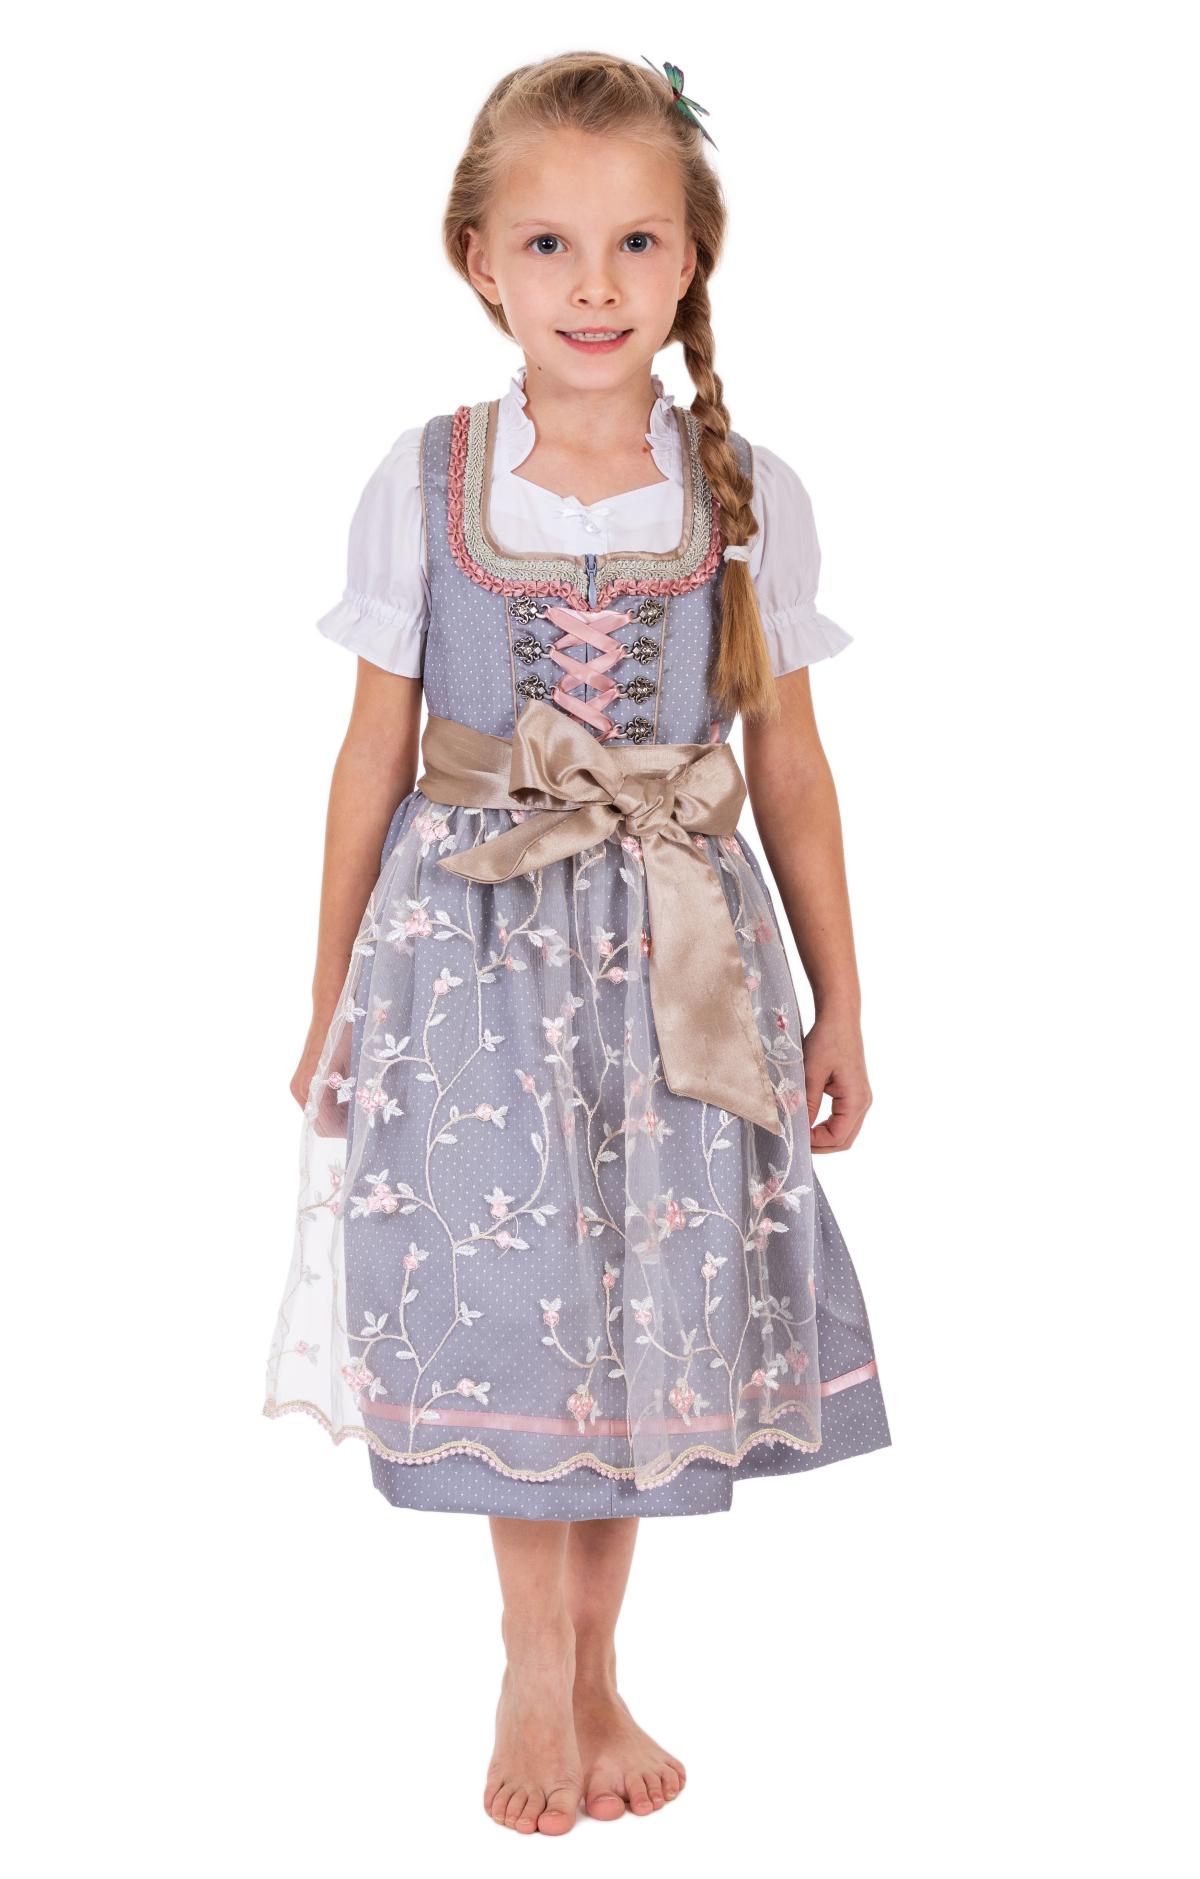 weitere Bilder von Kinderendirndl SILENA lichtgrijs